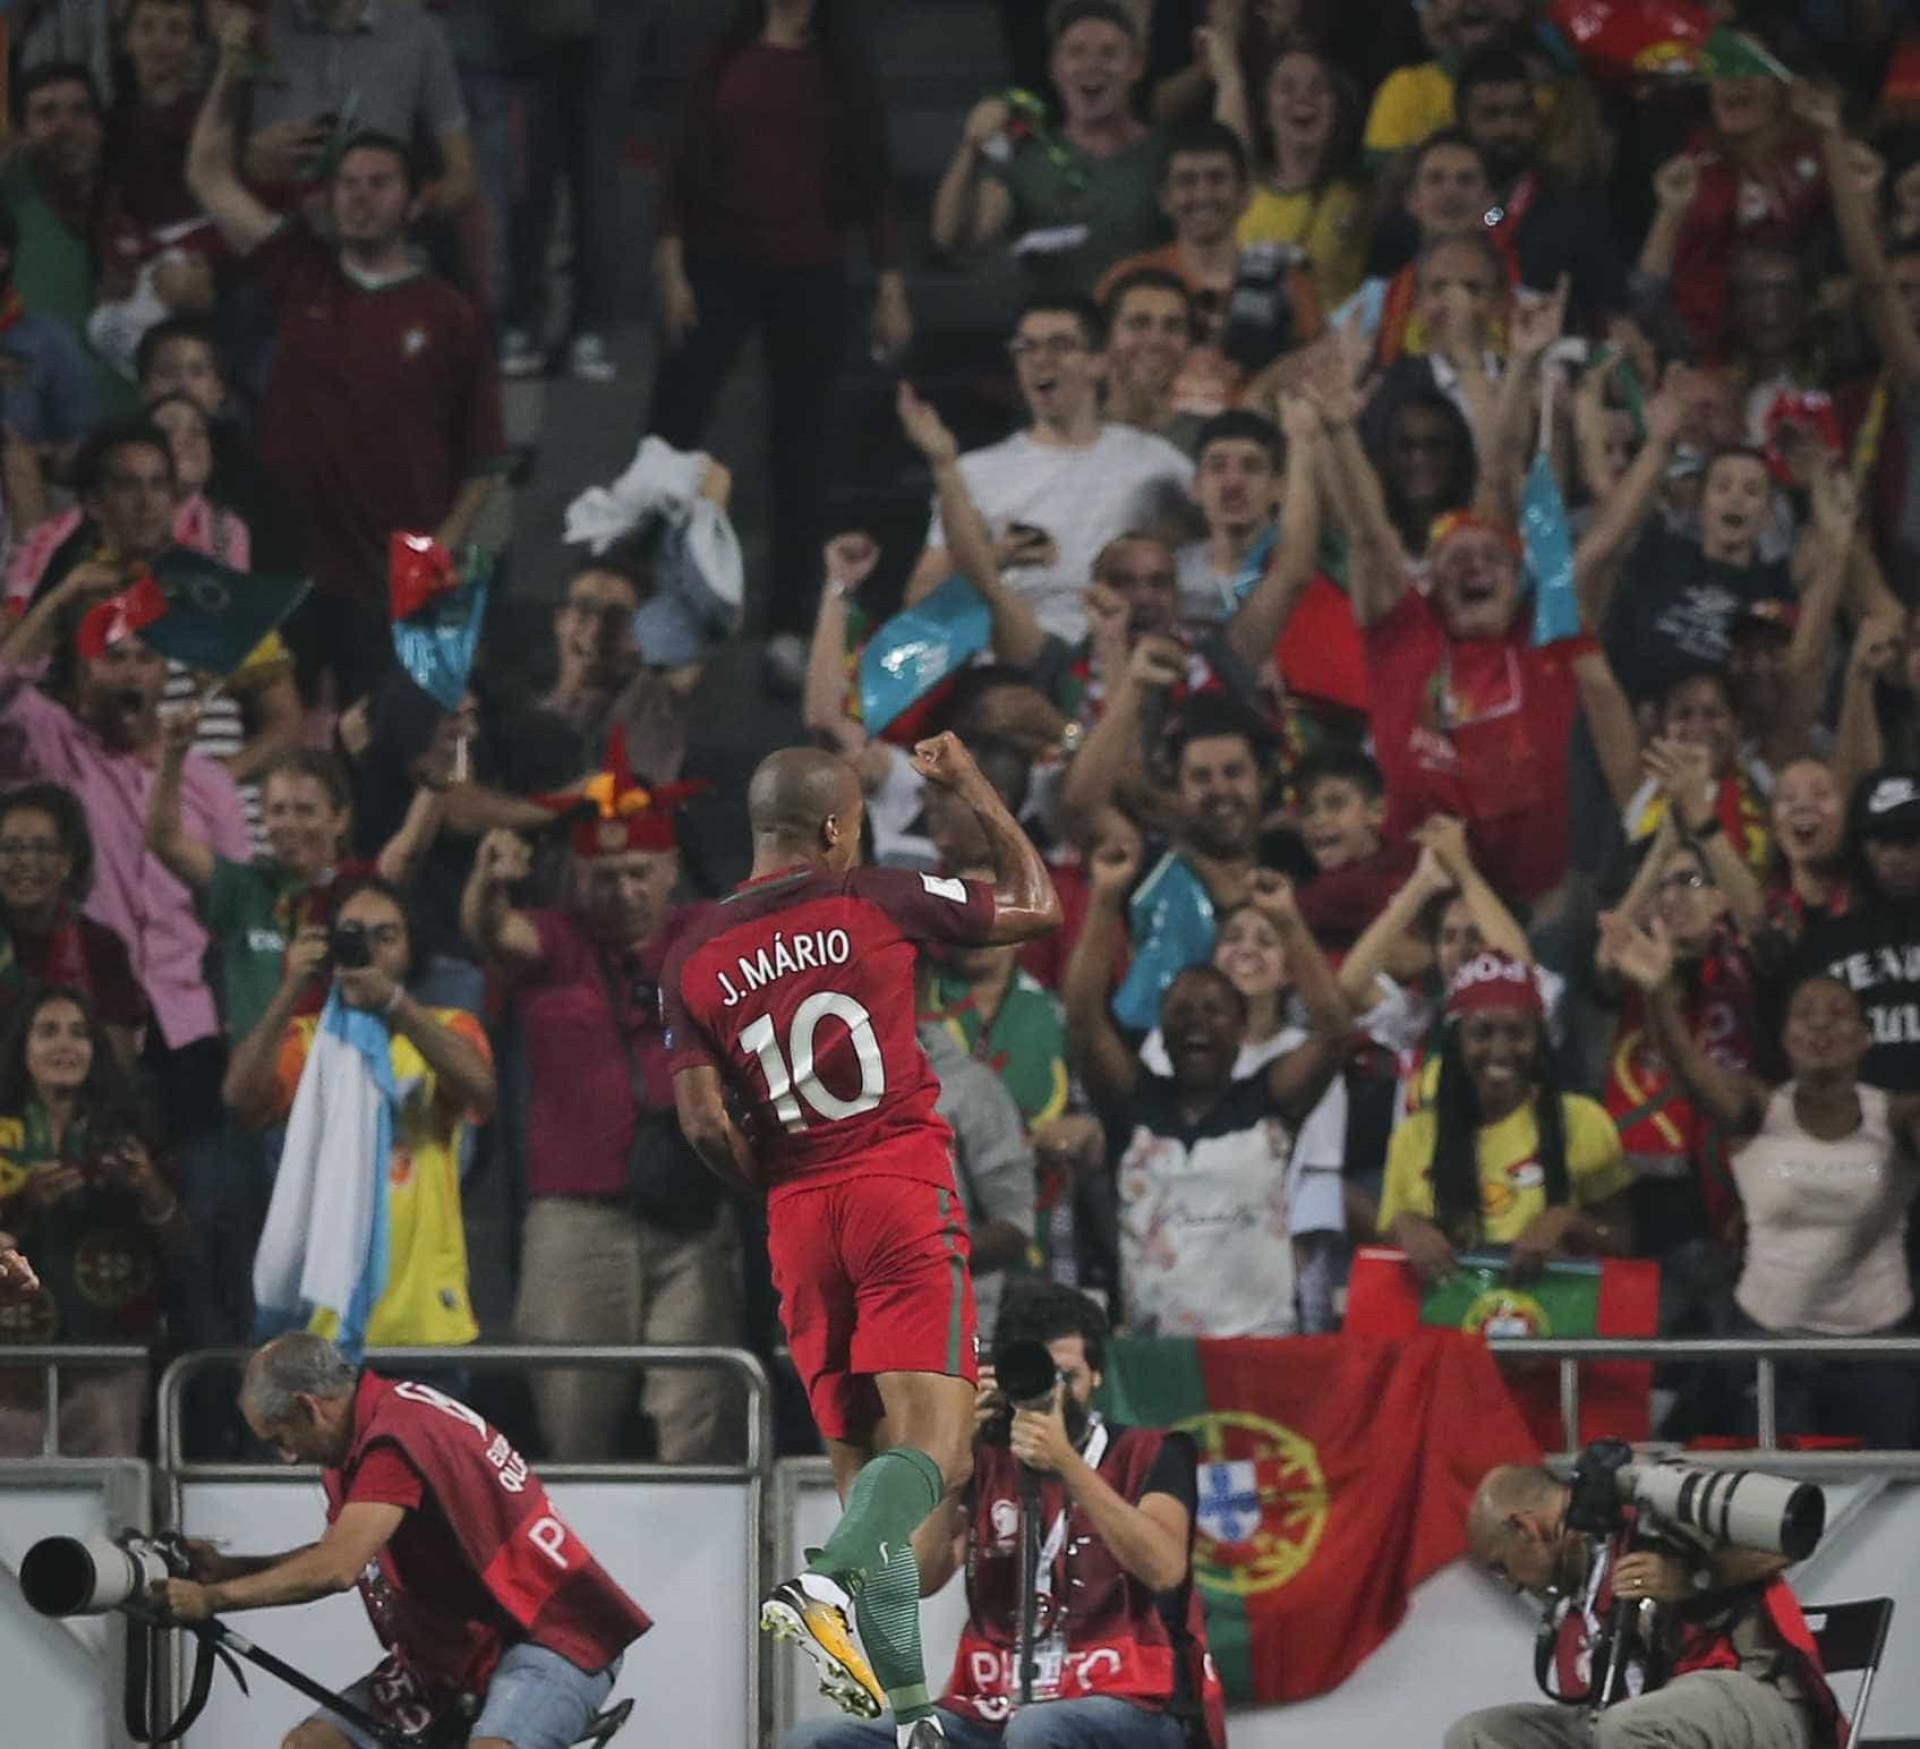 Os 30 jogadores internacionais 'made by' Fernando Santos